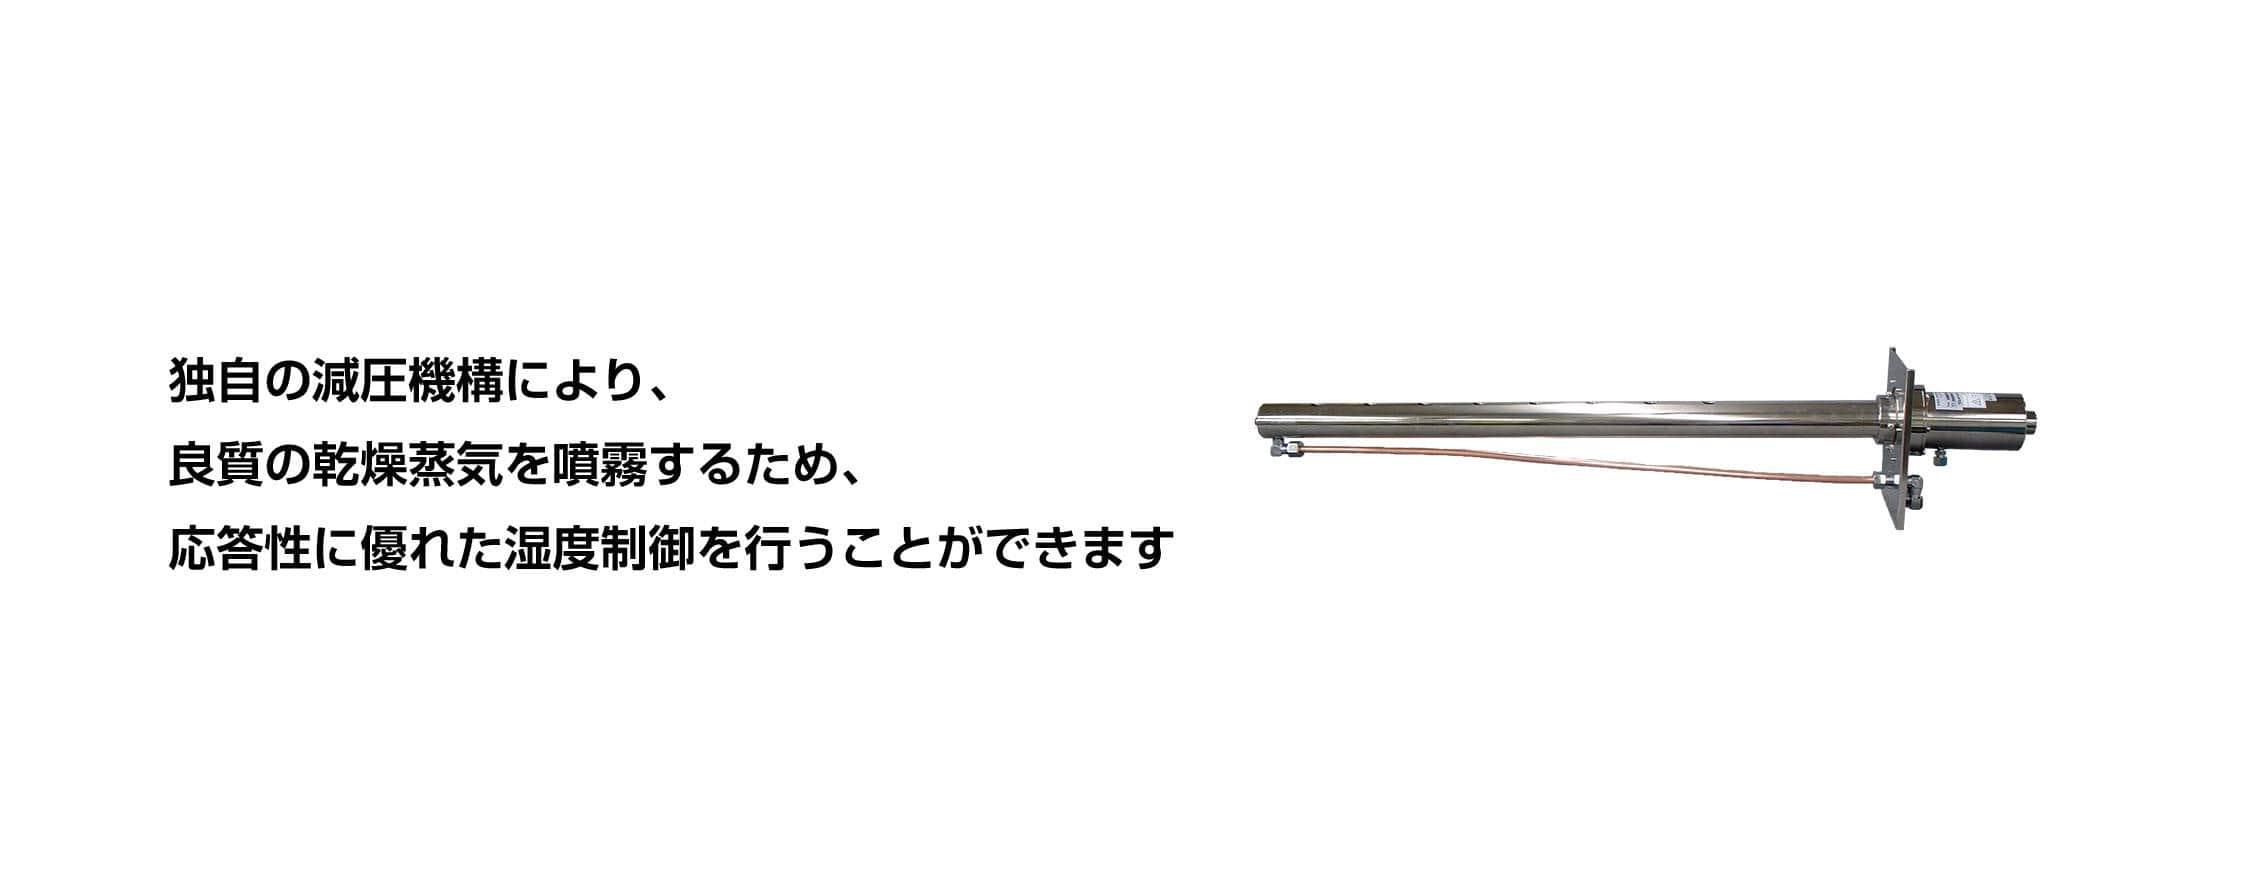 減圧機構付蒸気噴霧装置SGタイプ